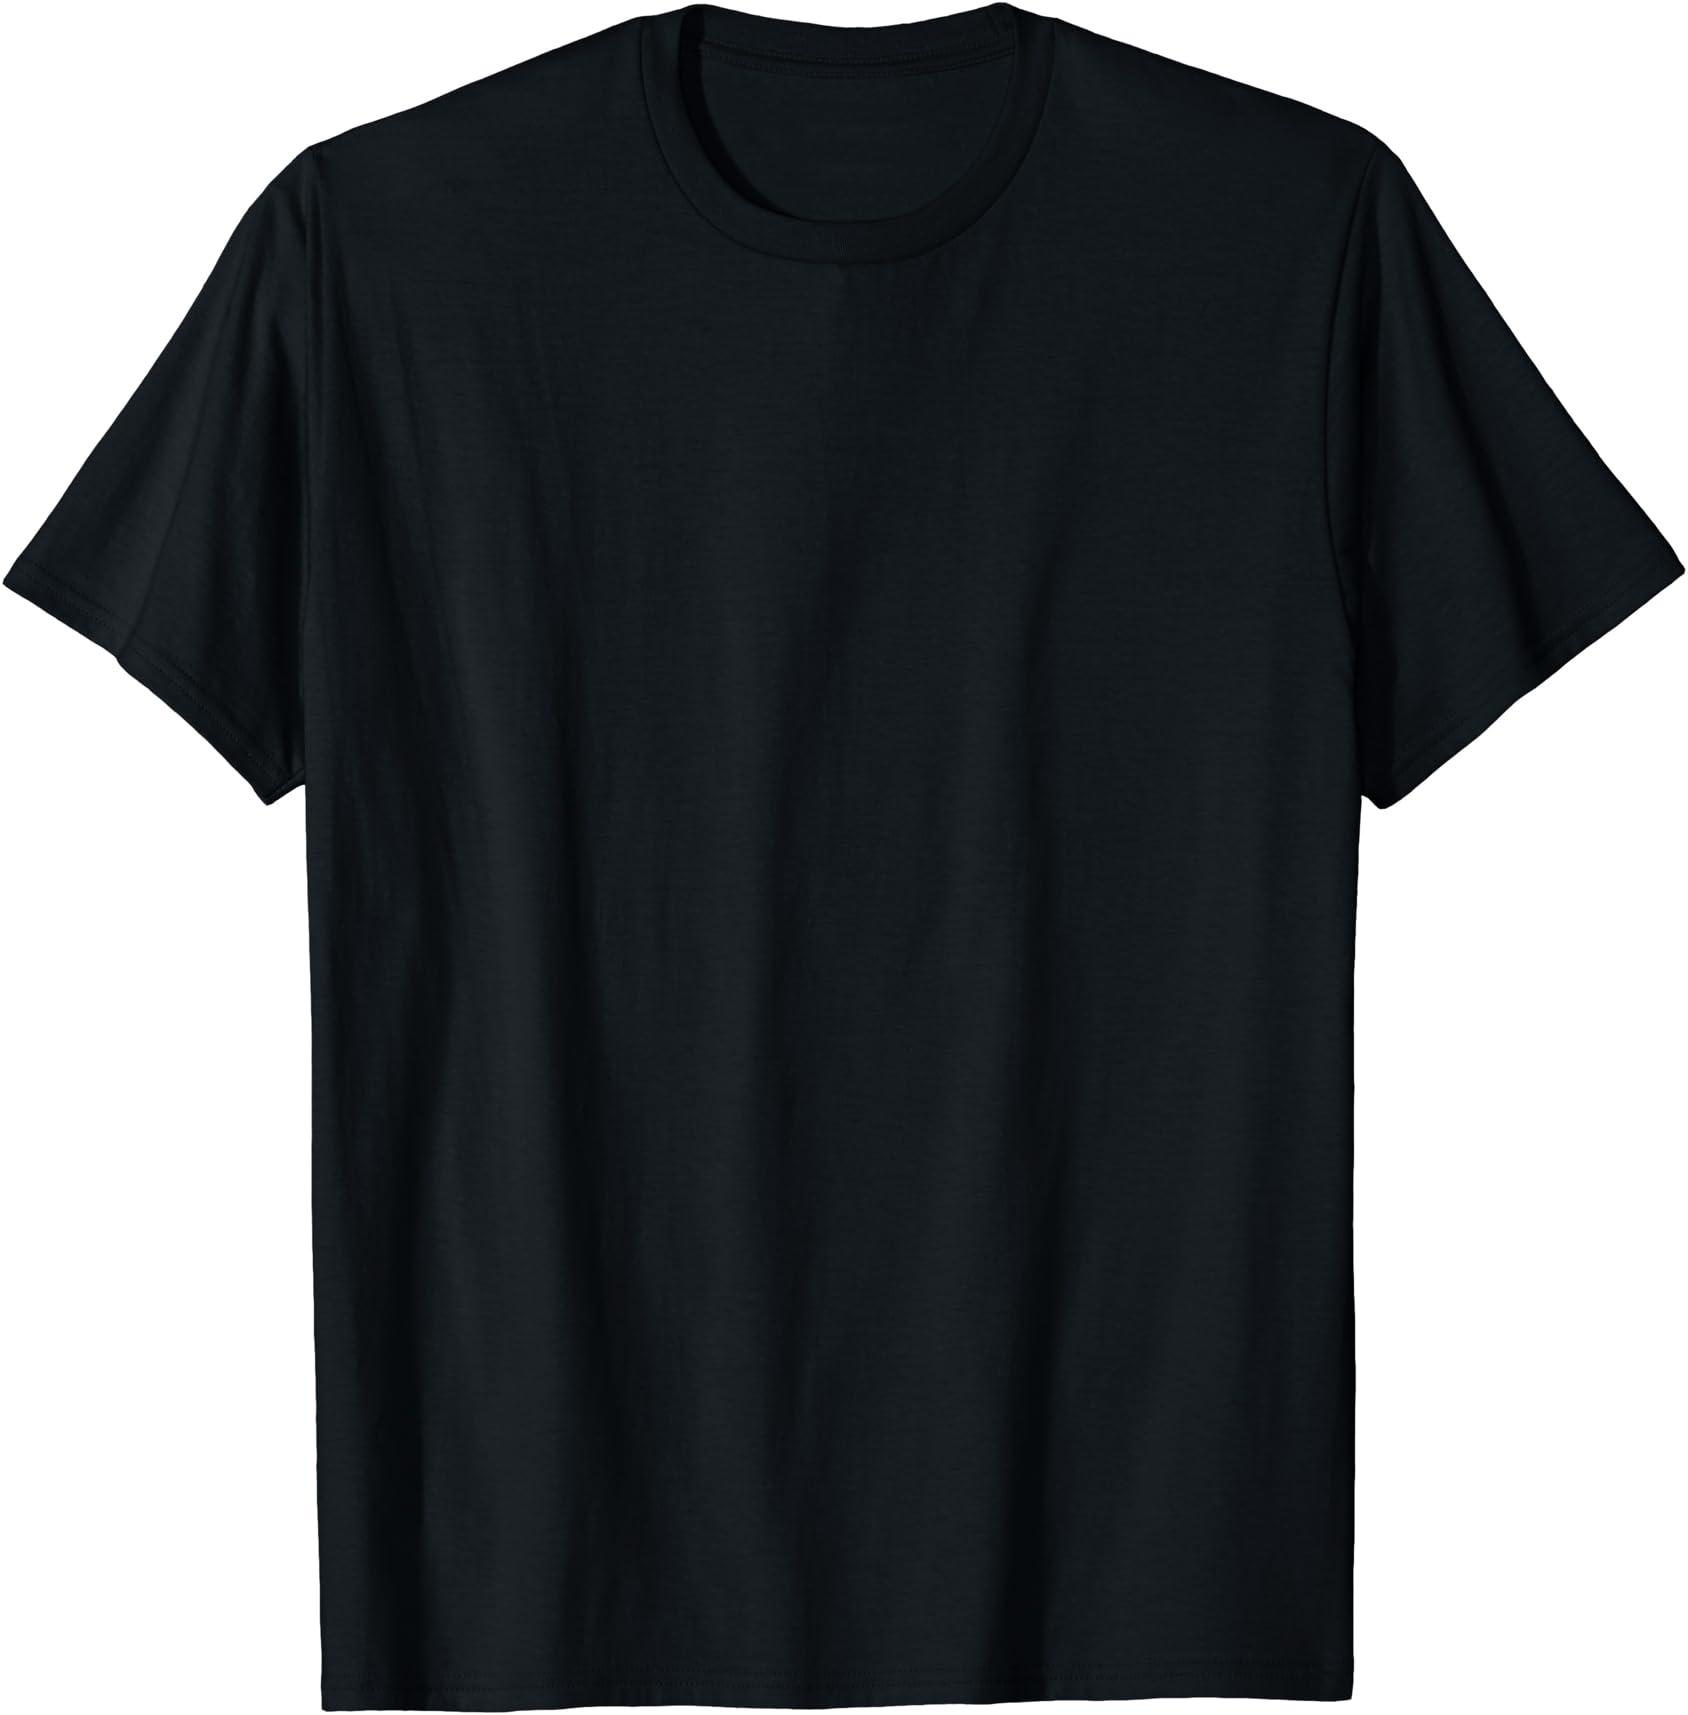 I Glitter Standard Unisex Standard Unisex T-shirt Cool Sawdust Is My Glitter